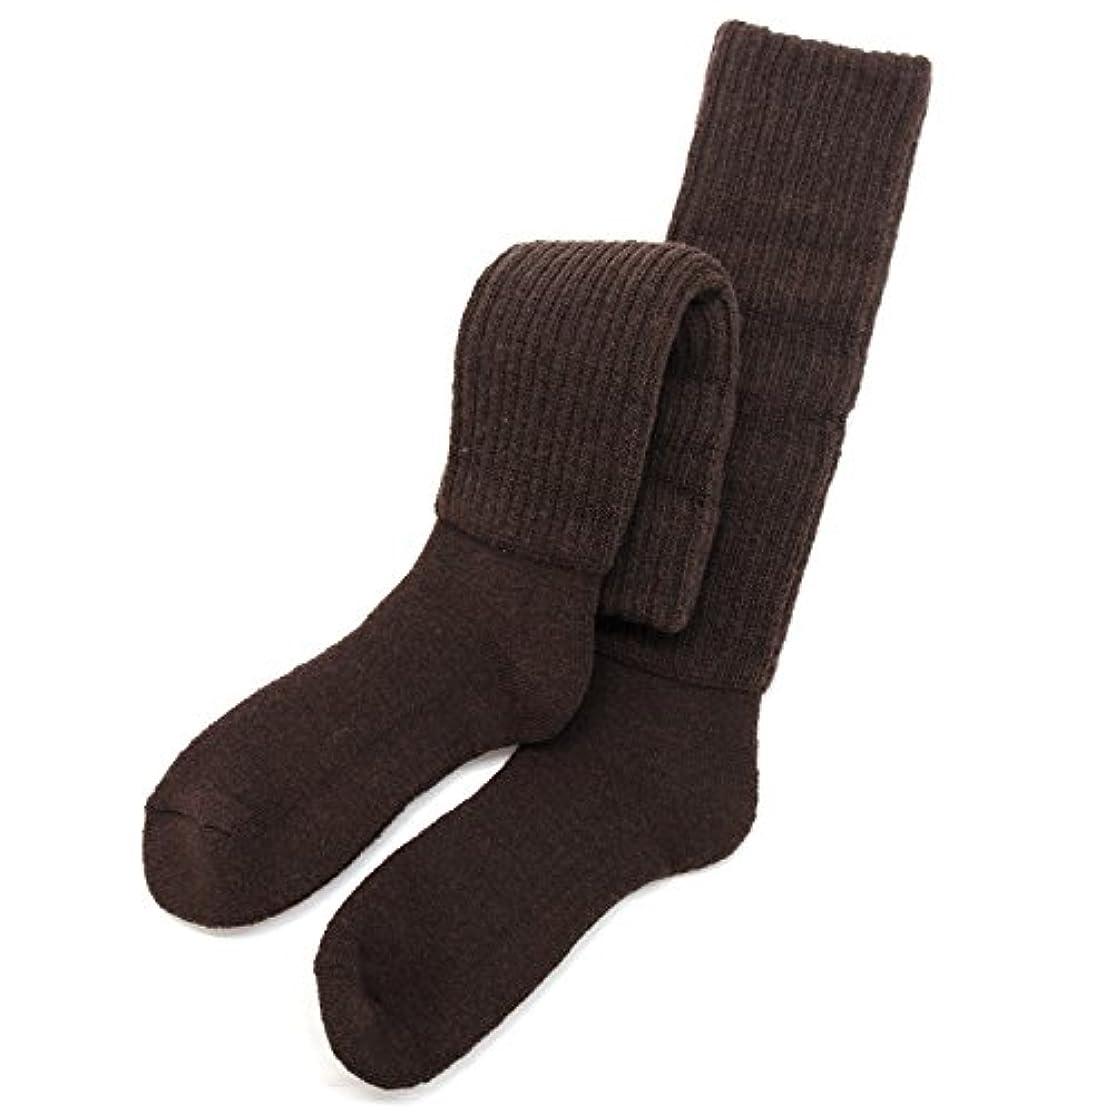 ヤング本土容疑者hiorie(ヒオリエ) 日本製 冷えとり靴下 あったか 2重編み靴下 ハイソックス <Lサイズ>